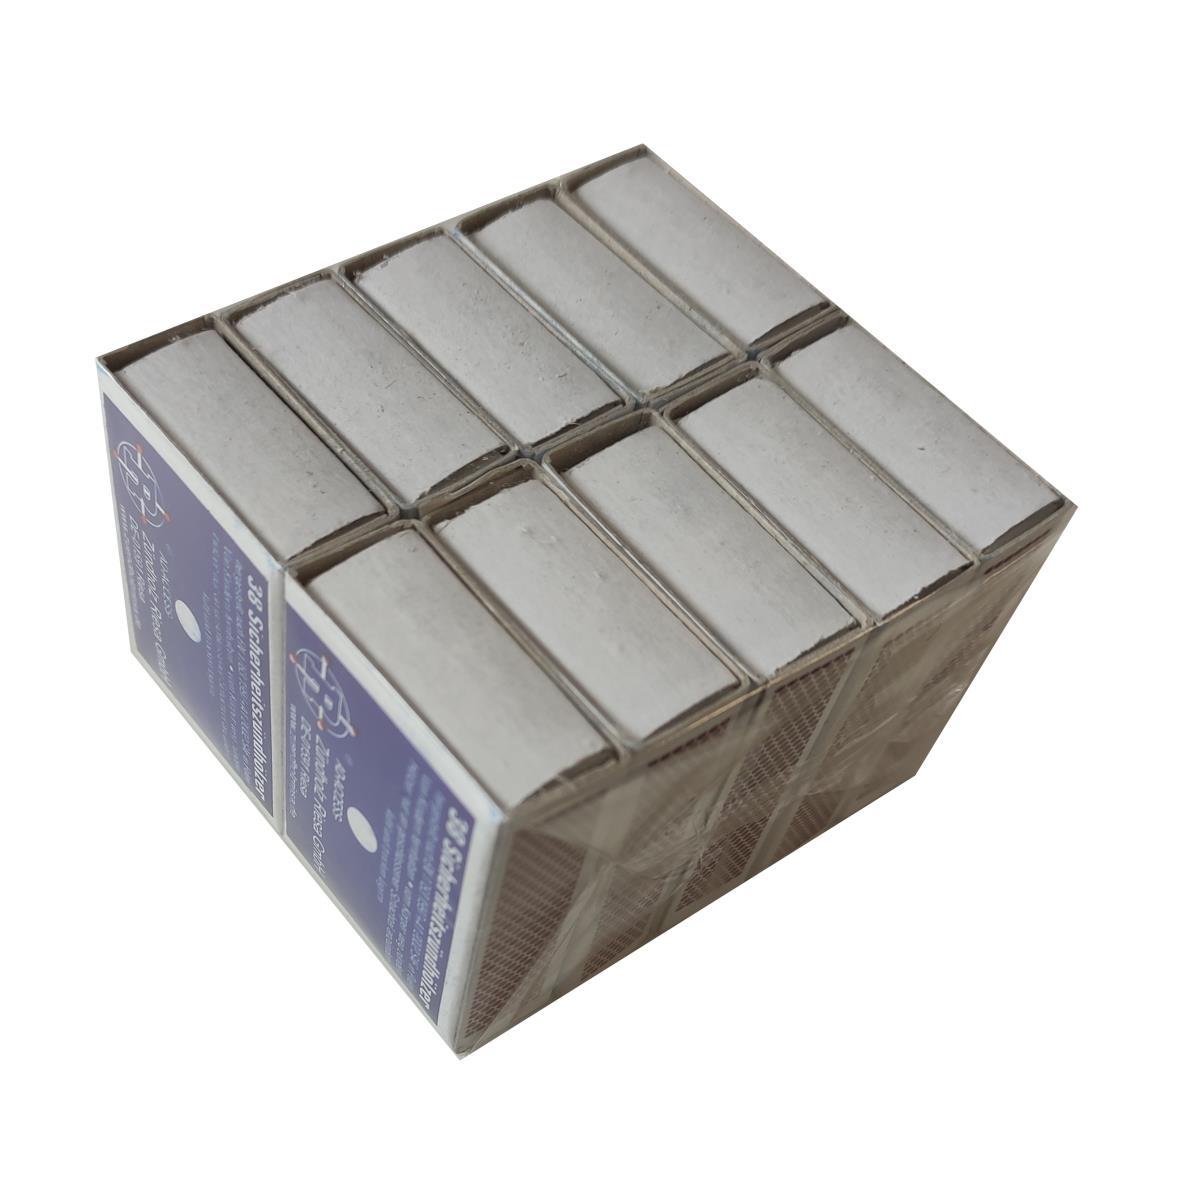 140 Schachteln Streichhölzer, Zündhölzer, Zündholzschachtel,KM Zündholz International ,0000082, 0685293813850